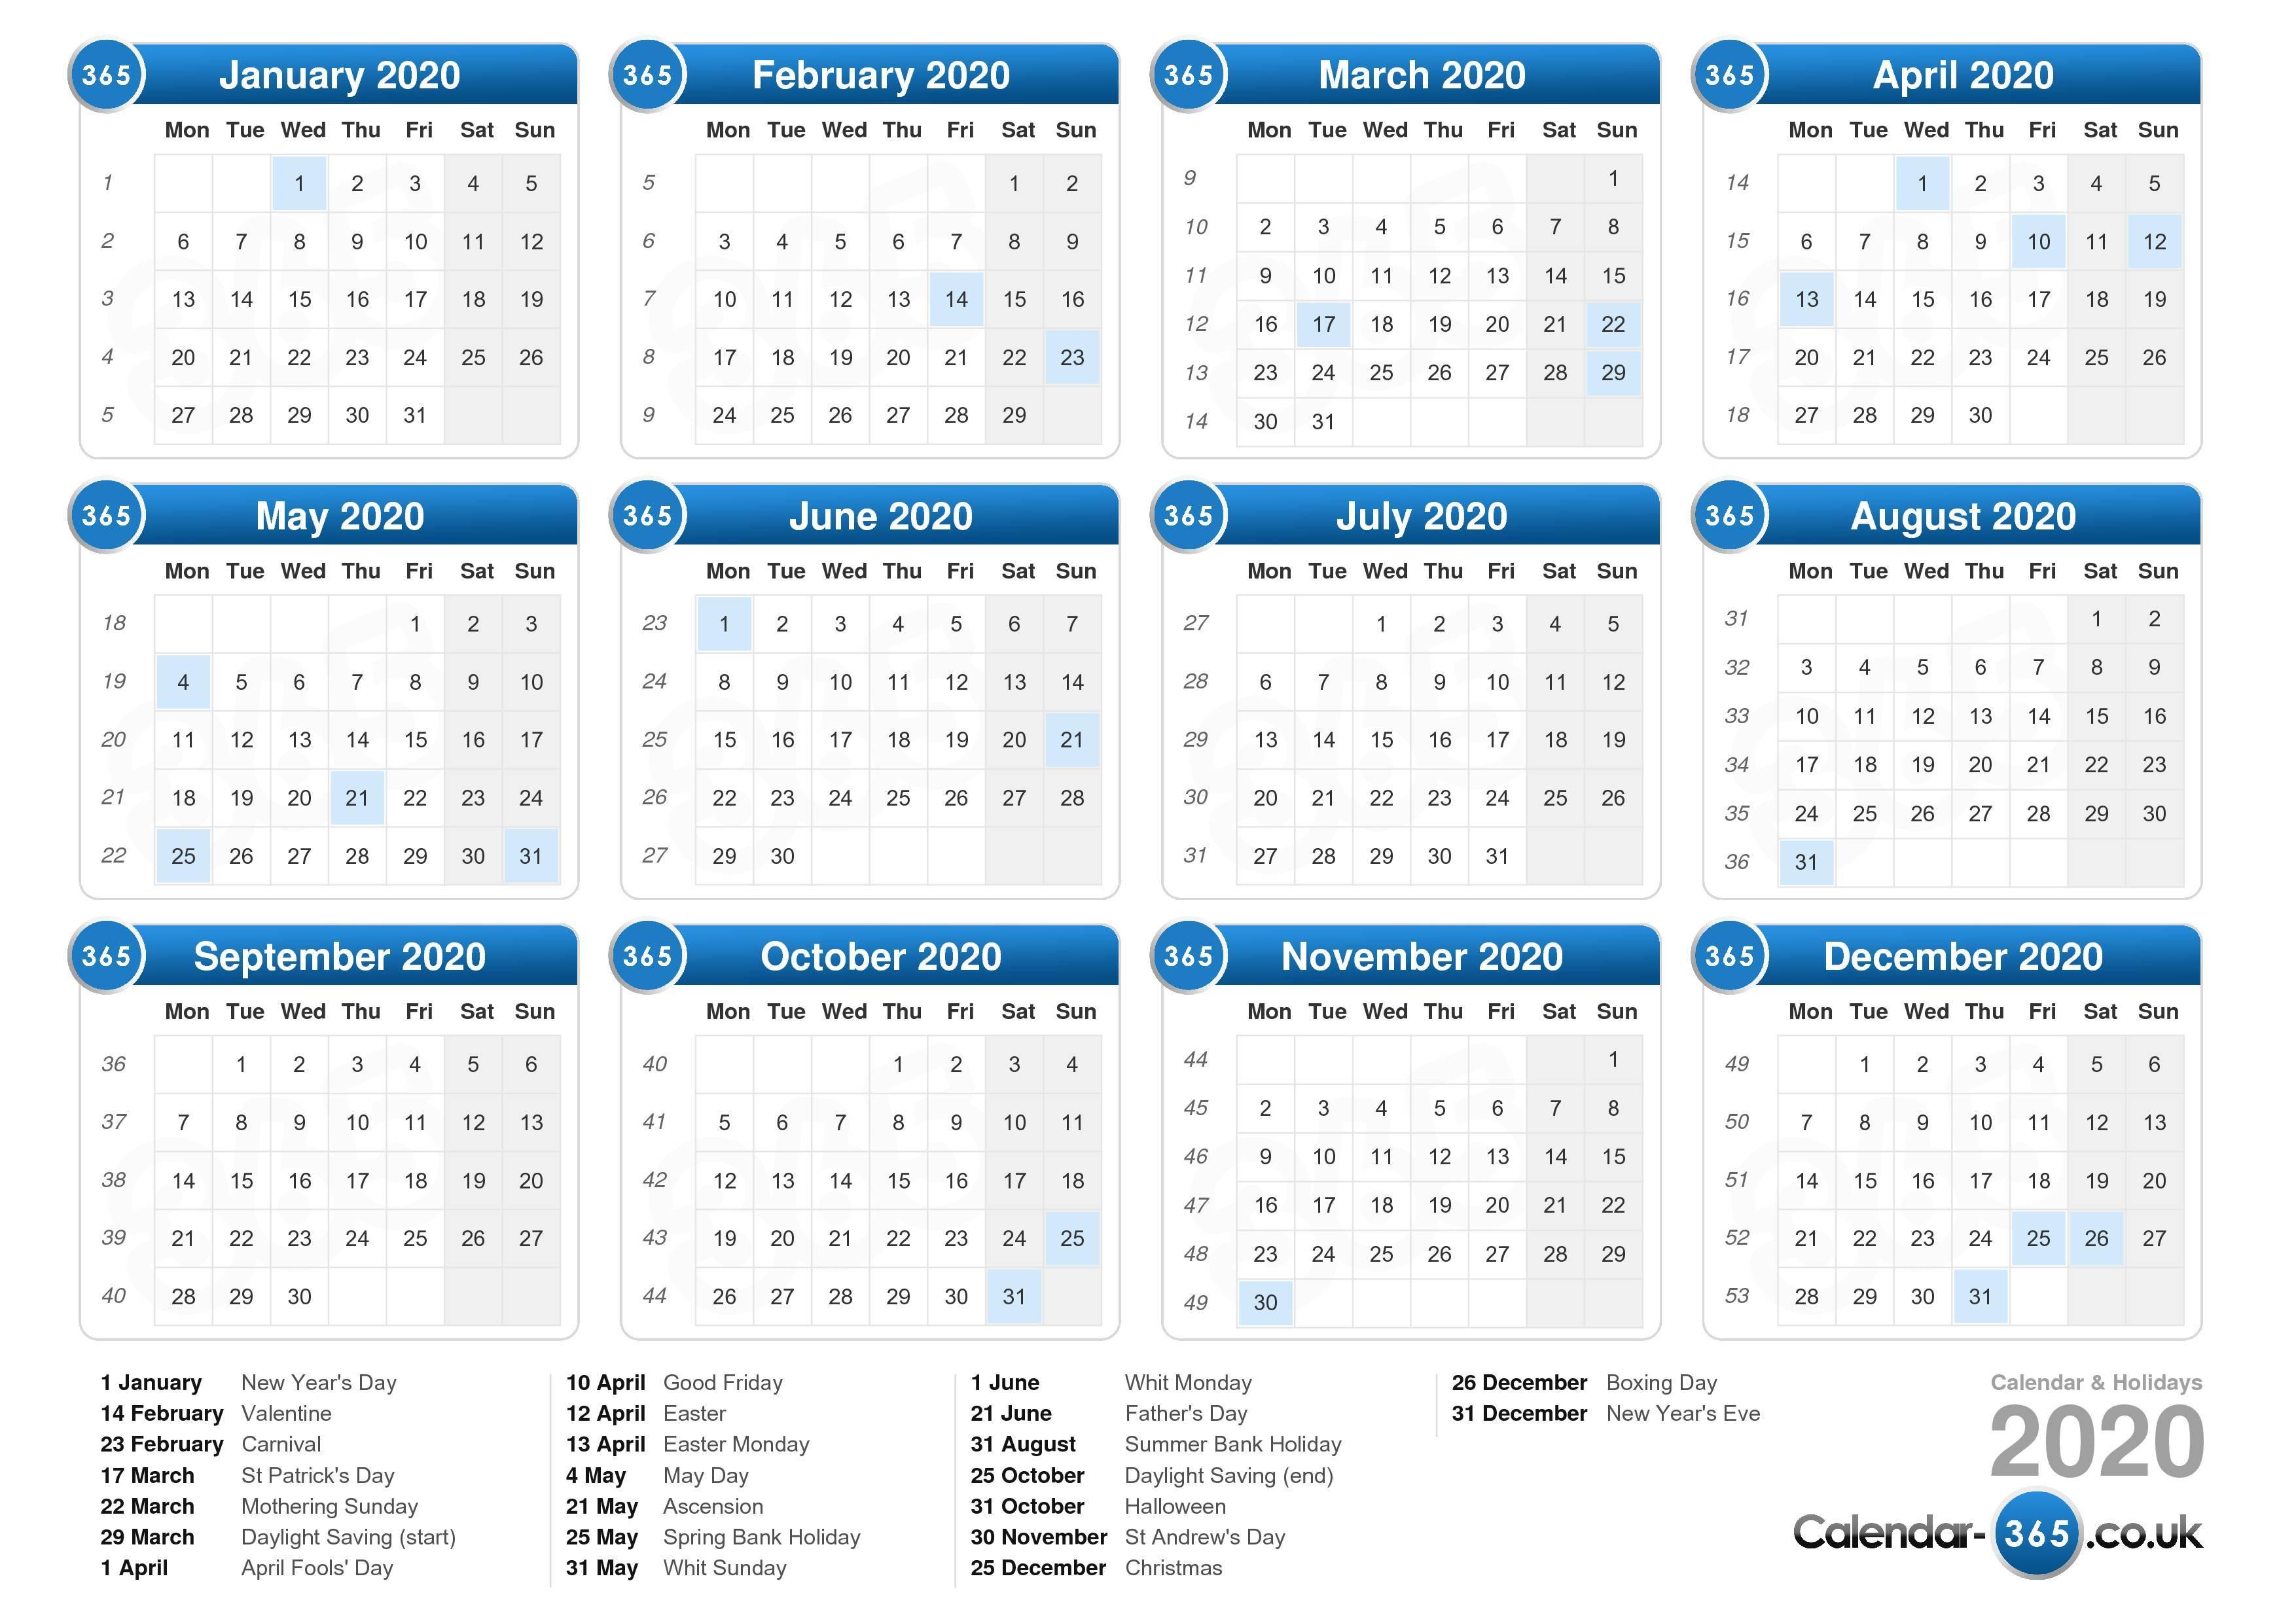 British Calendar 2020 Calendar 2020